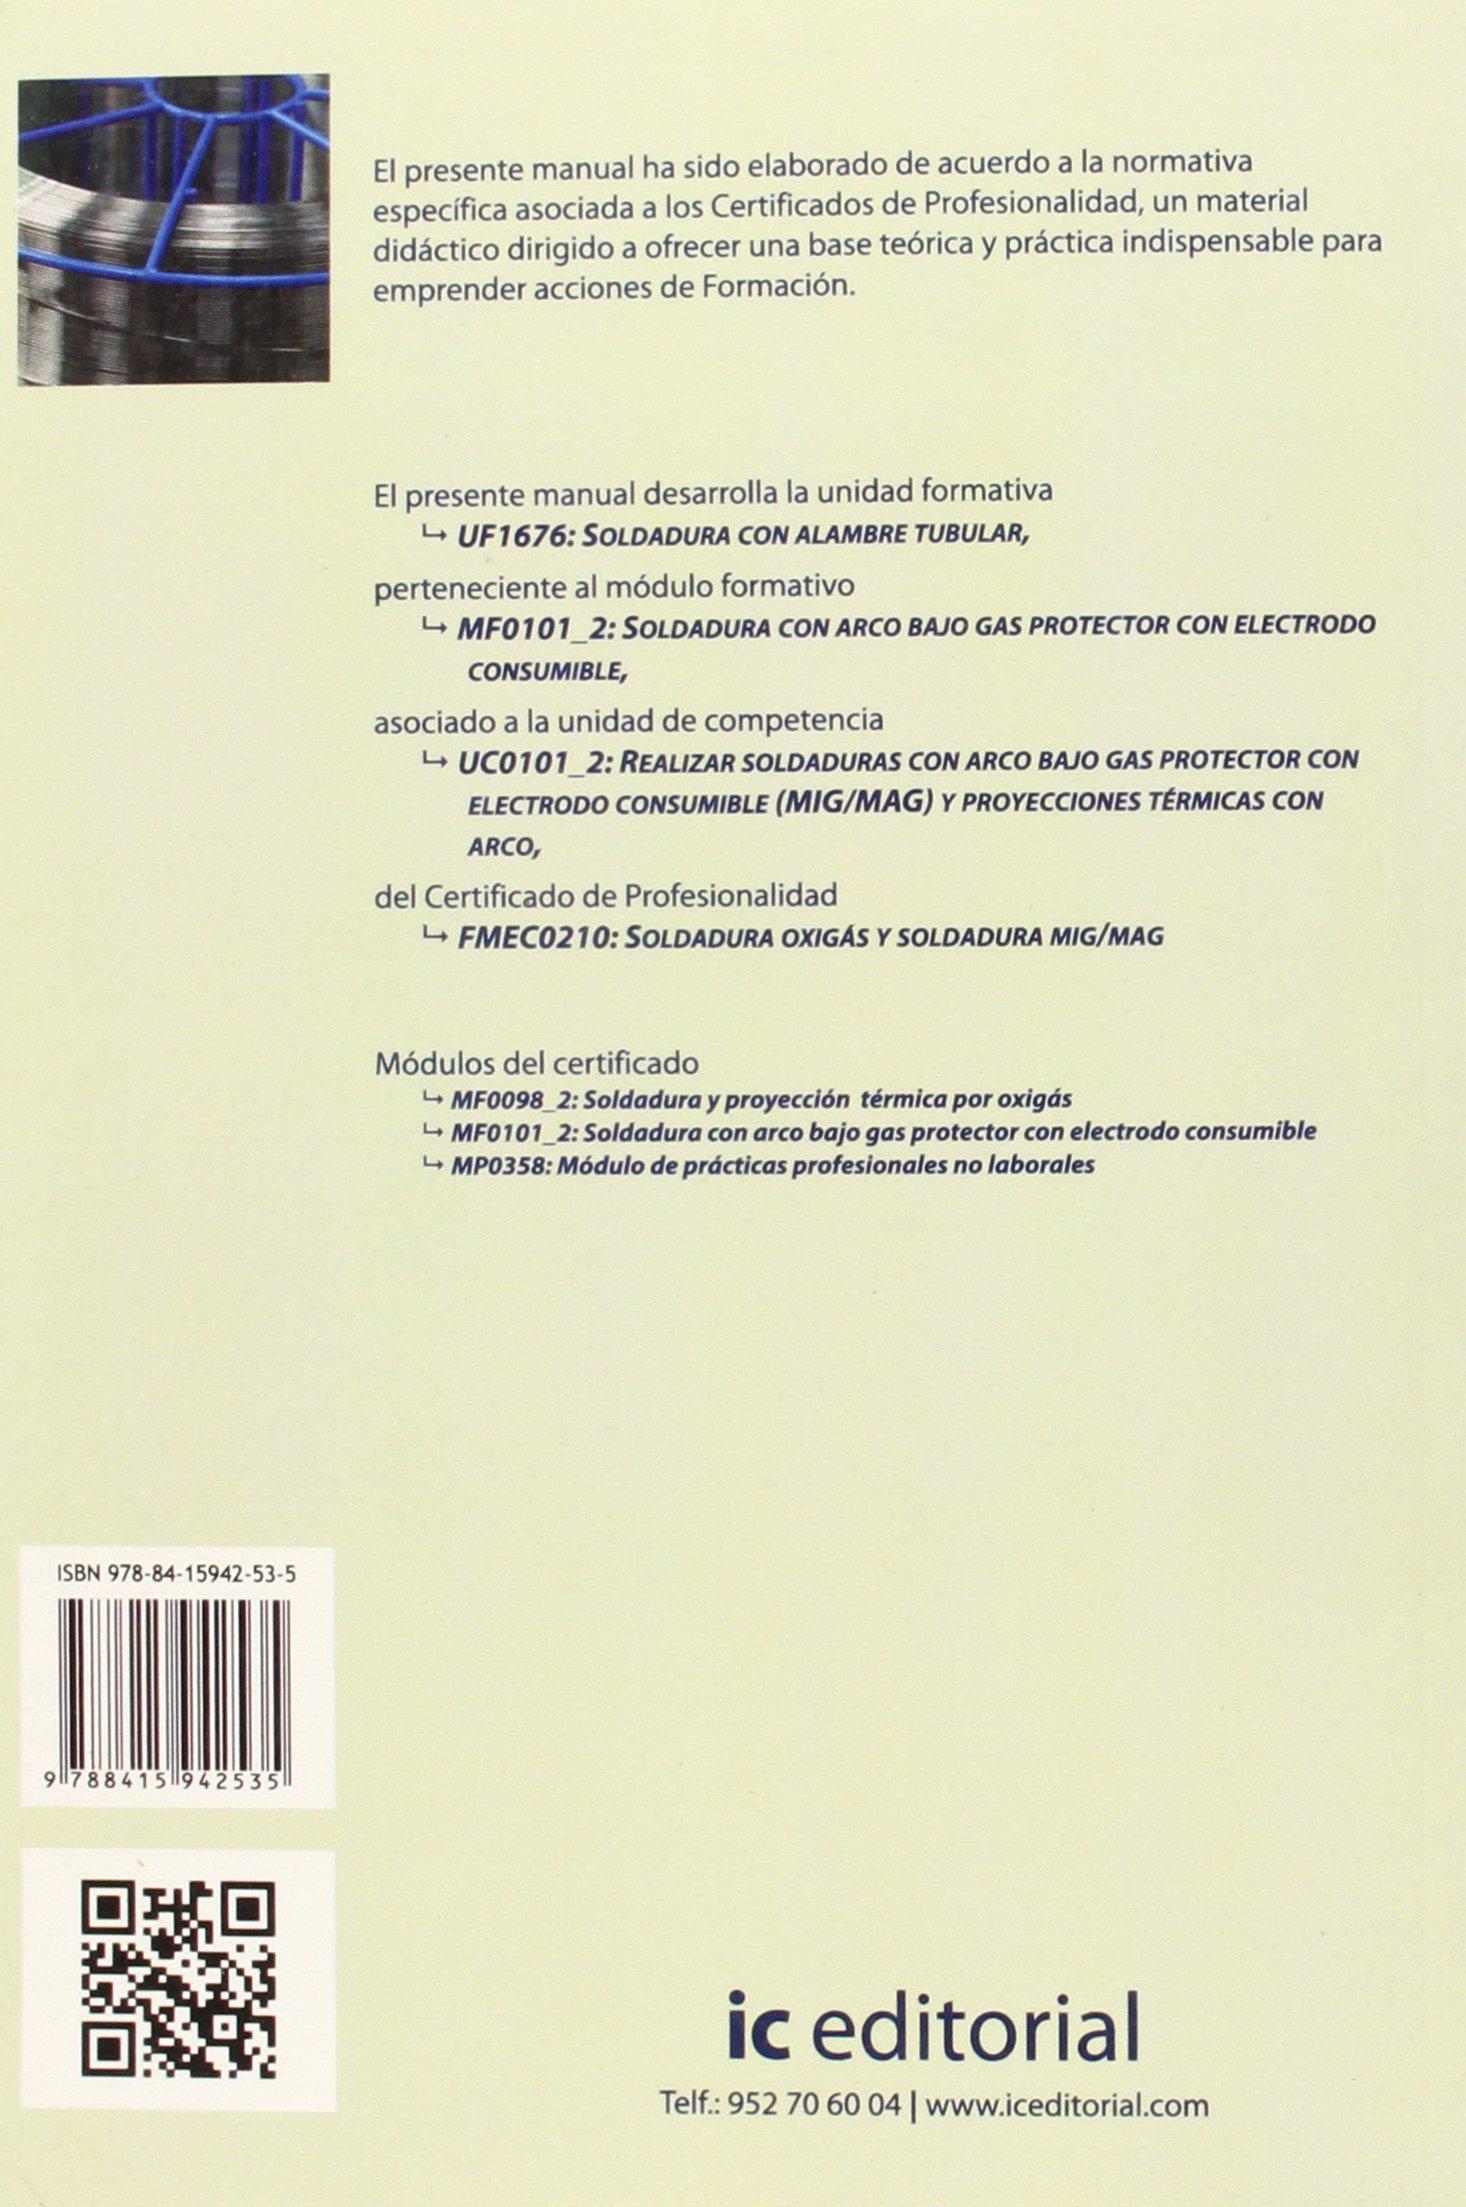 Soldadura con alambre tubular. fmec0210 - soldadura oxigás y ...